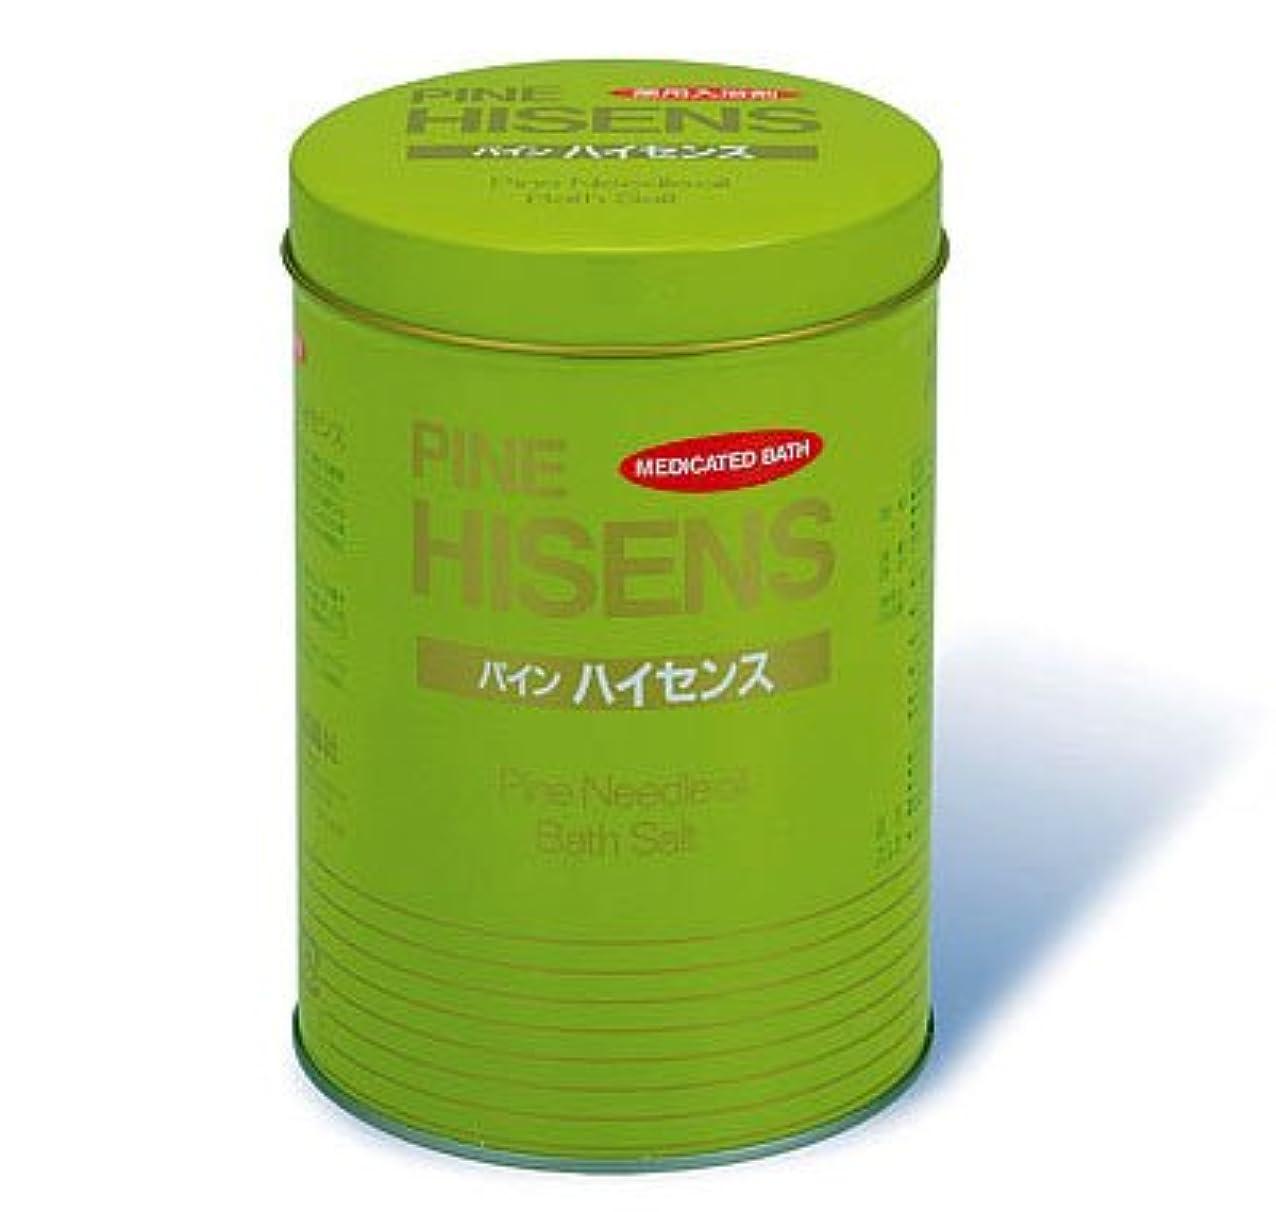 ブーム自宅で疾患高陽社 薬用入浴剤 パインハイセンス 2.1kg 1缶